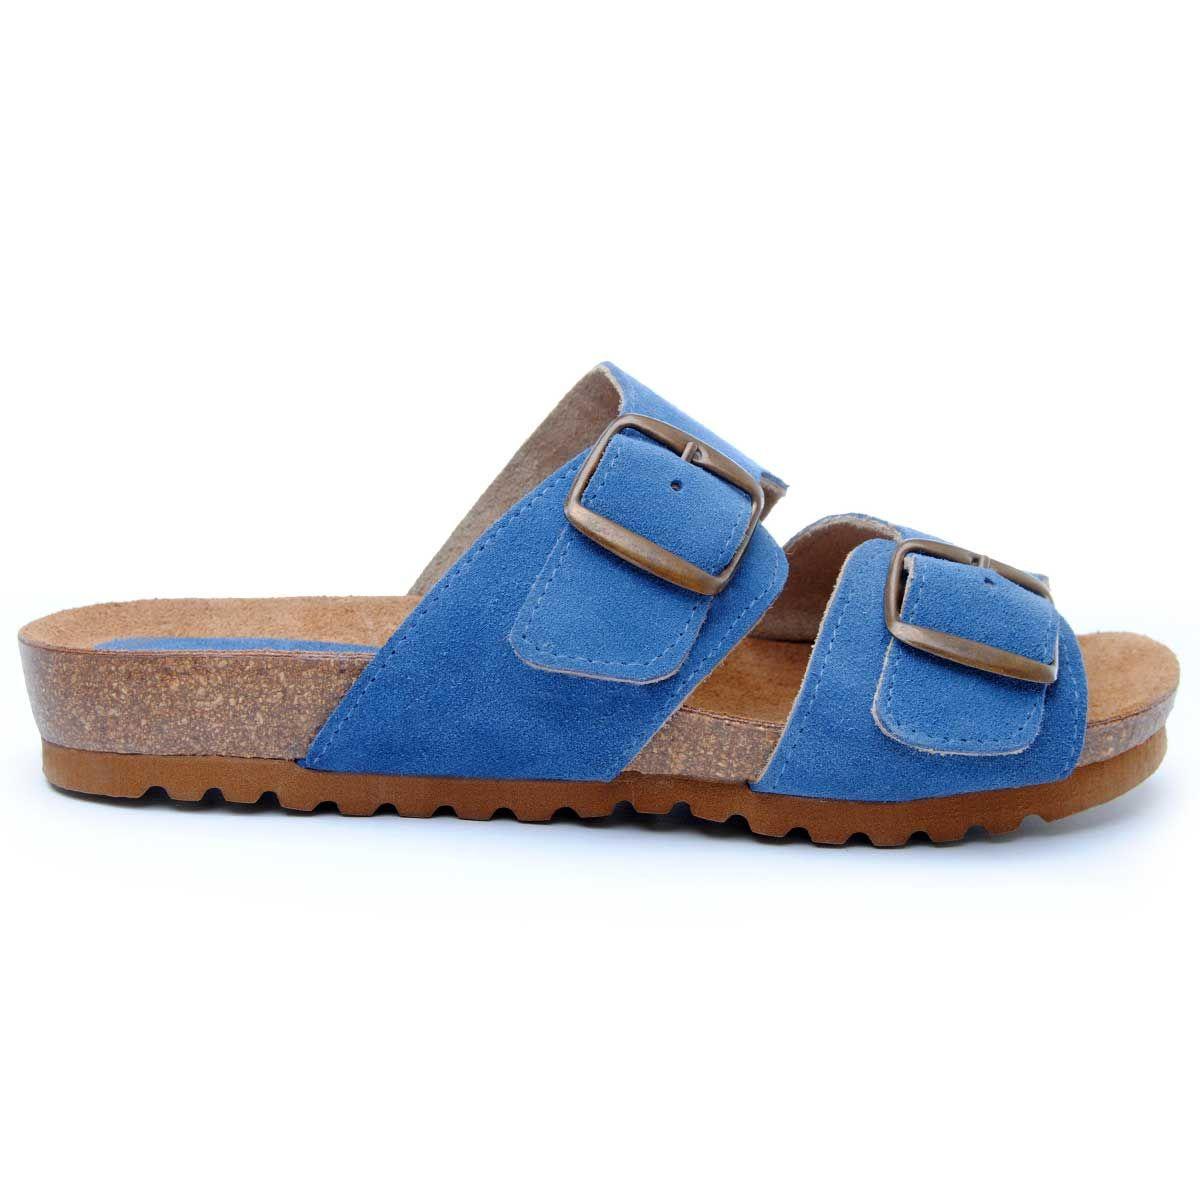 Purapiel Double Buckle Flat Sandal in Blue